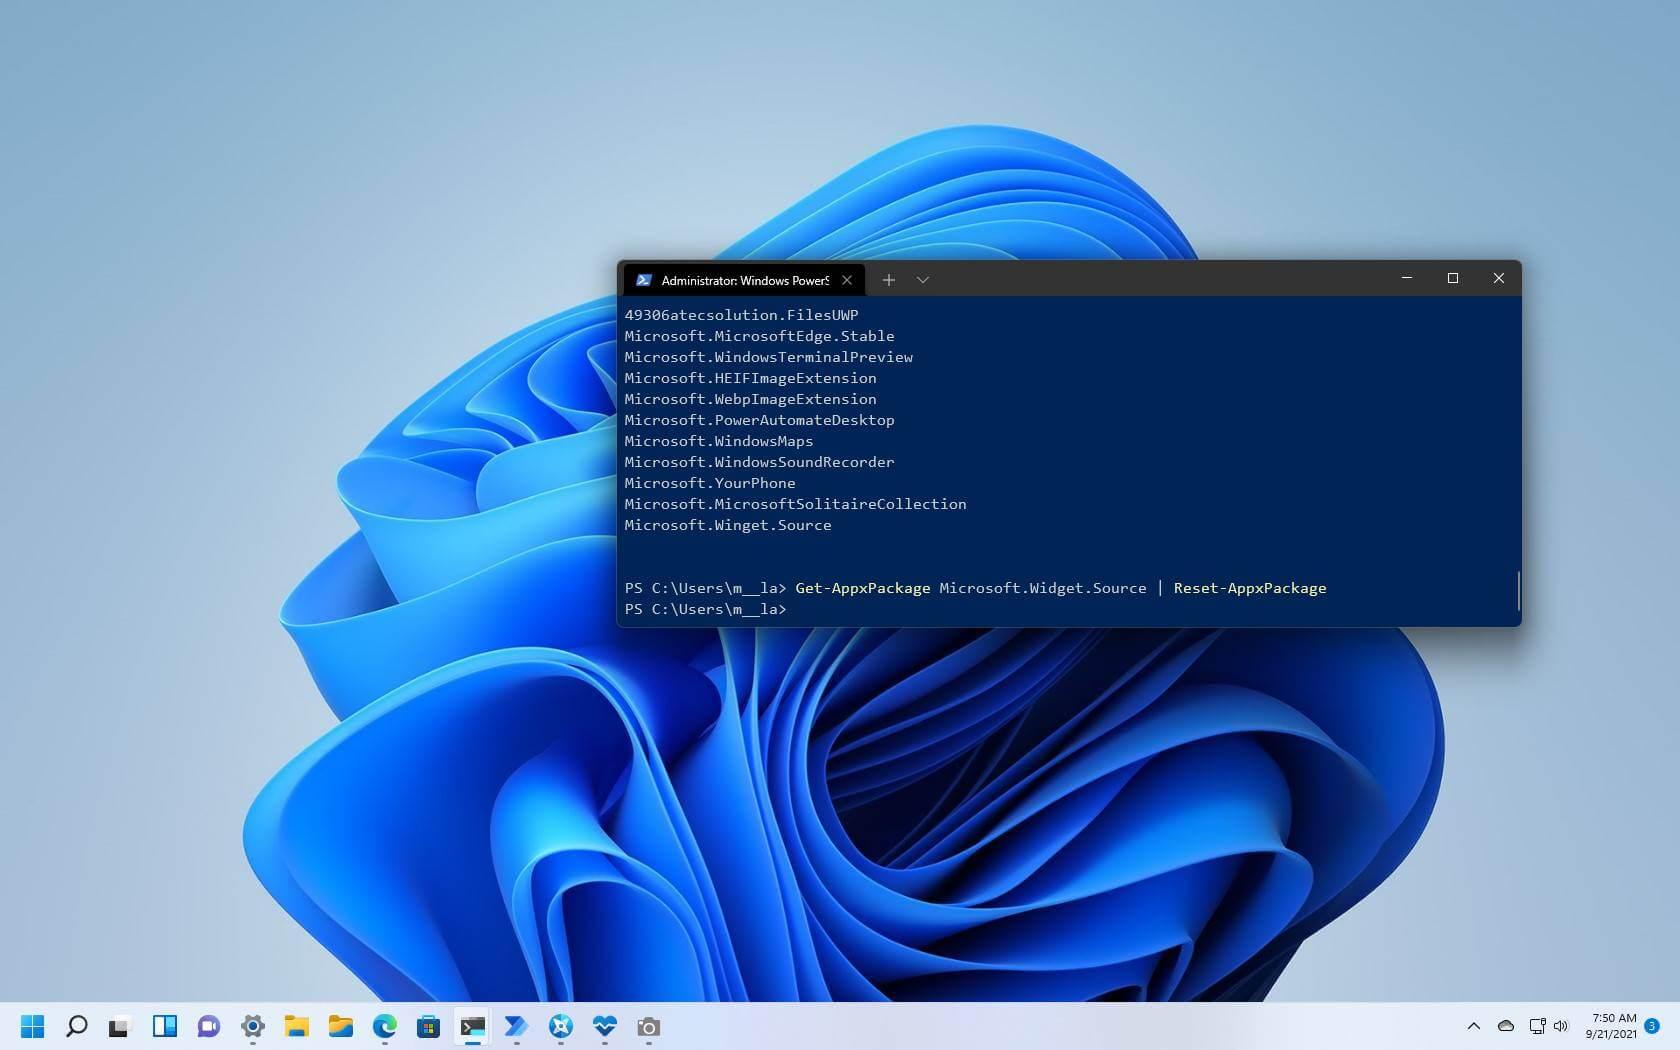 Comment réinitialiser l'application à l'aide de PowerShell sur Windows 11